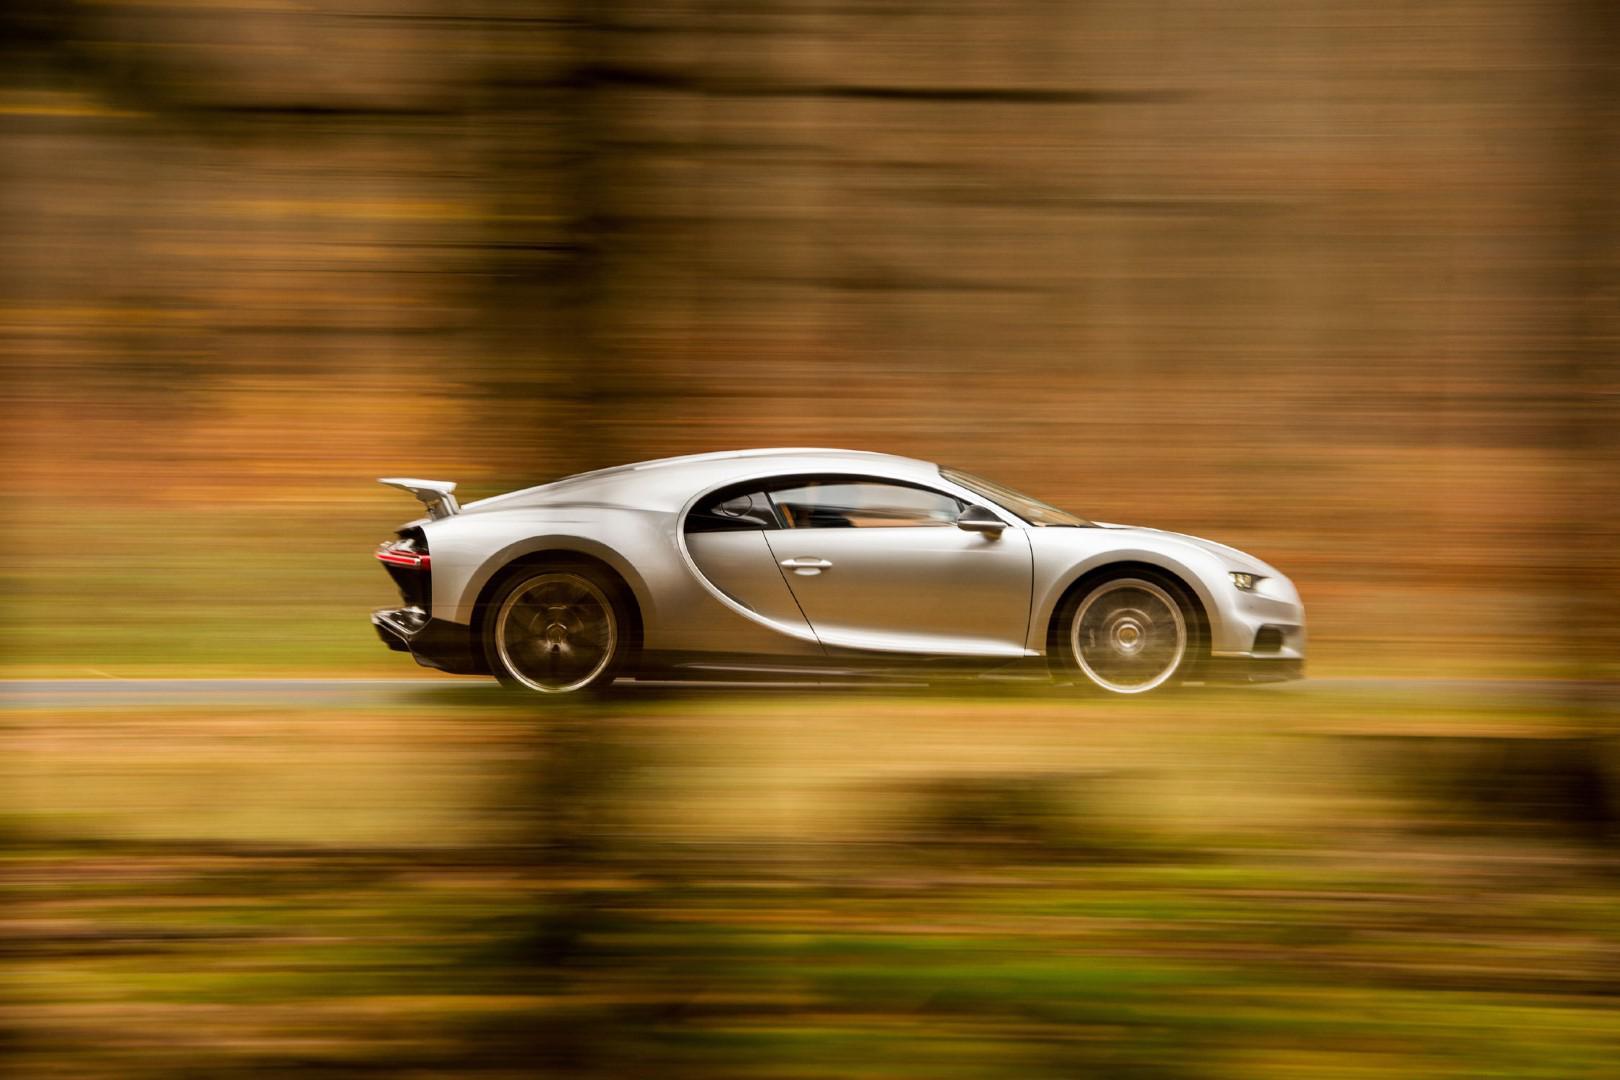 voiture-connectee-bugatti-chiron-une-assistance-unique-digne-de-la-f1-754-4.jpg